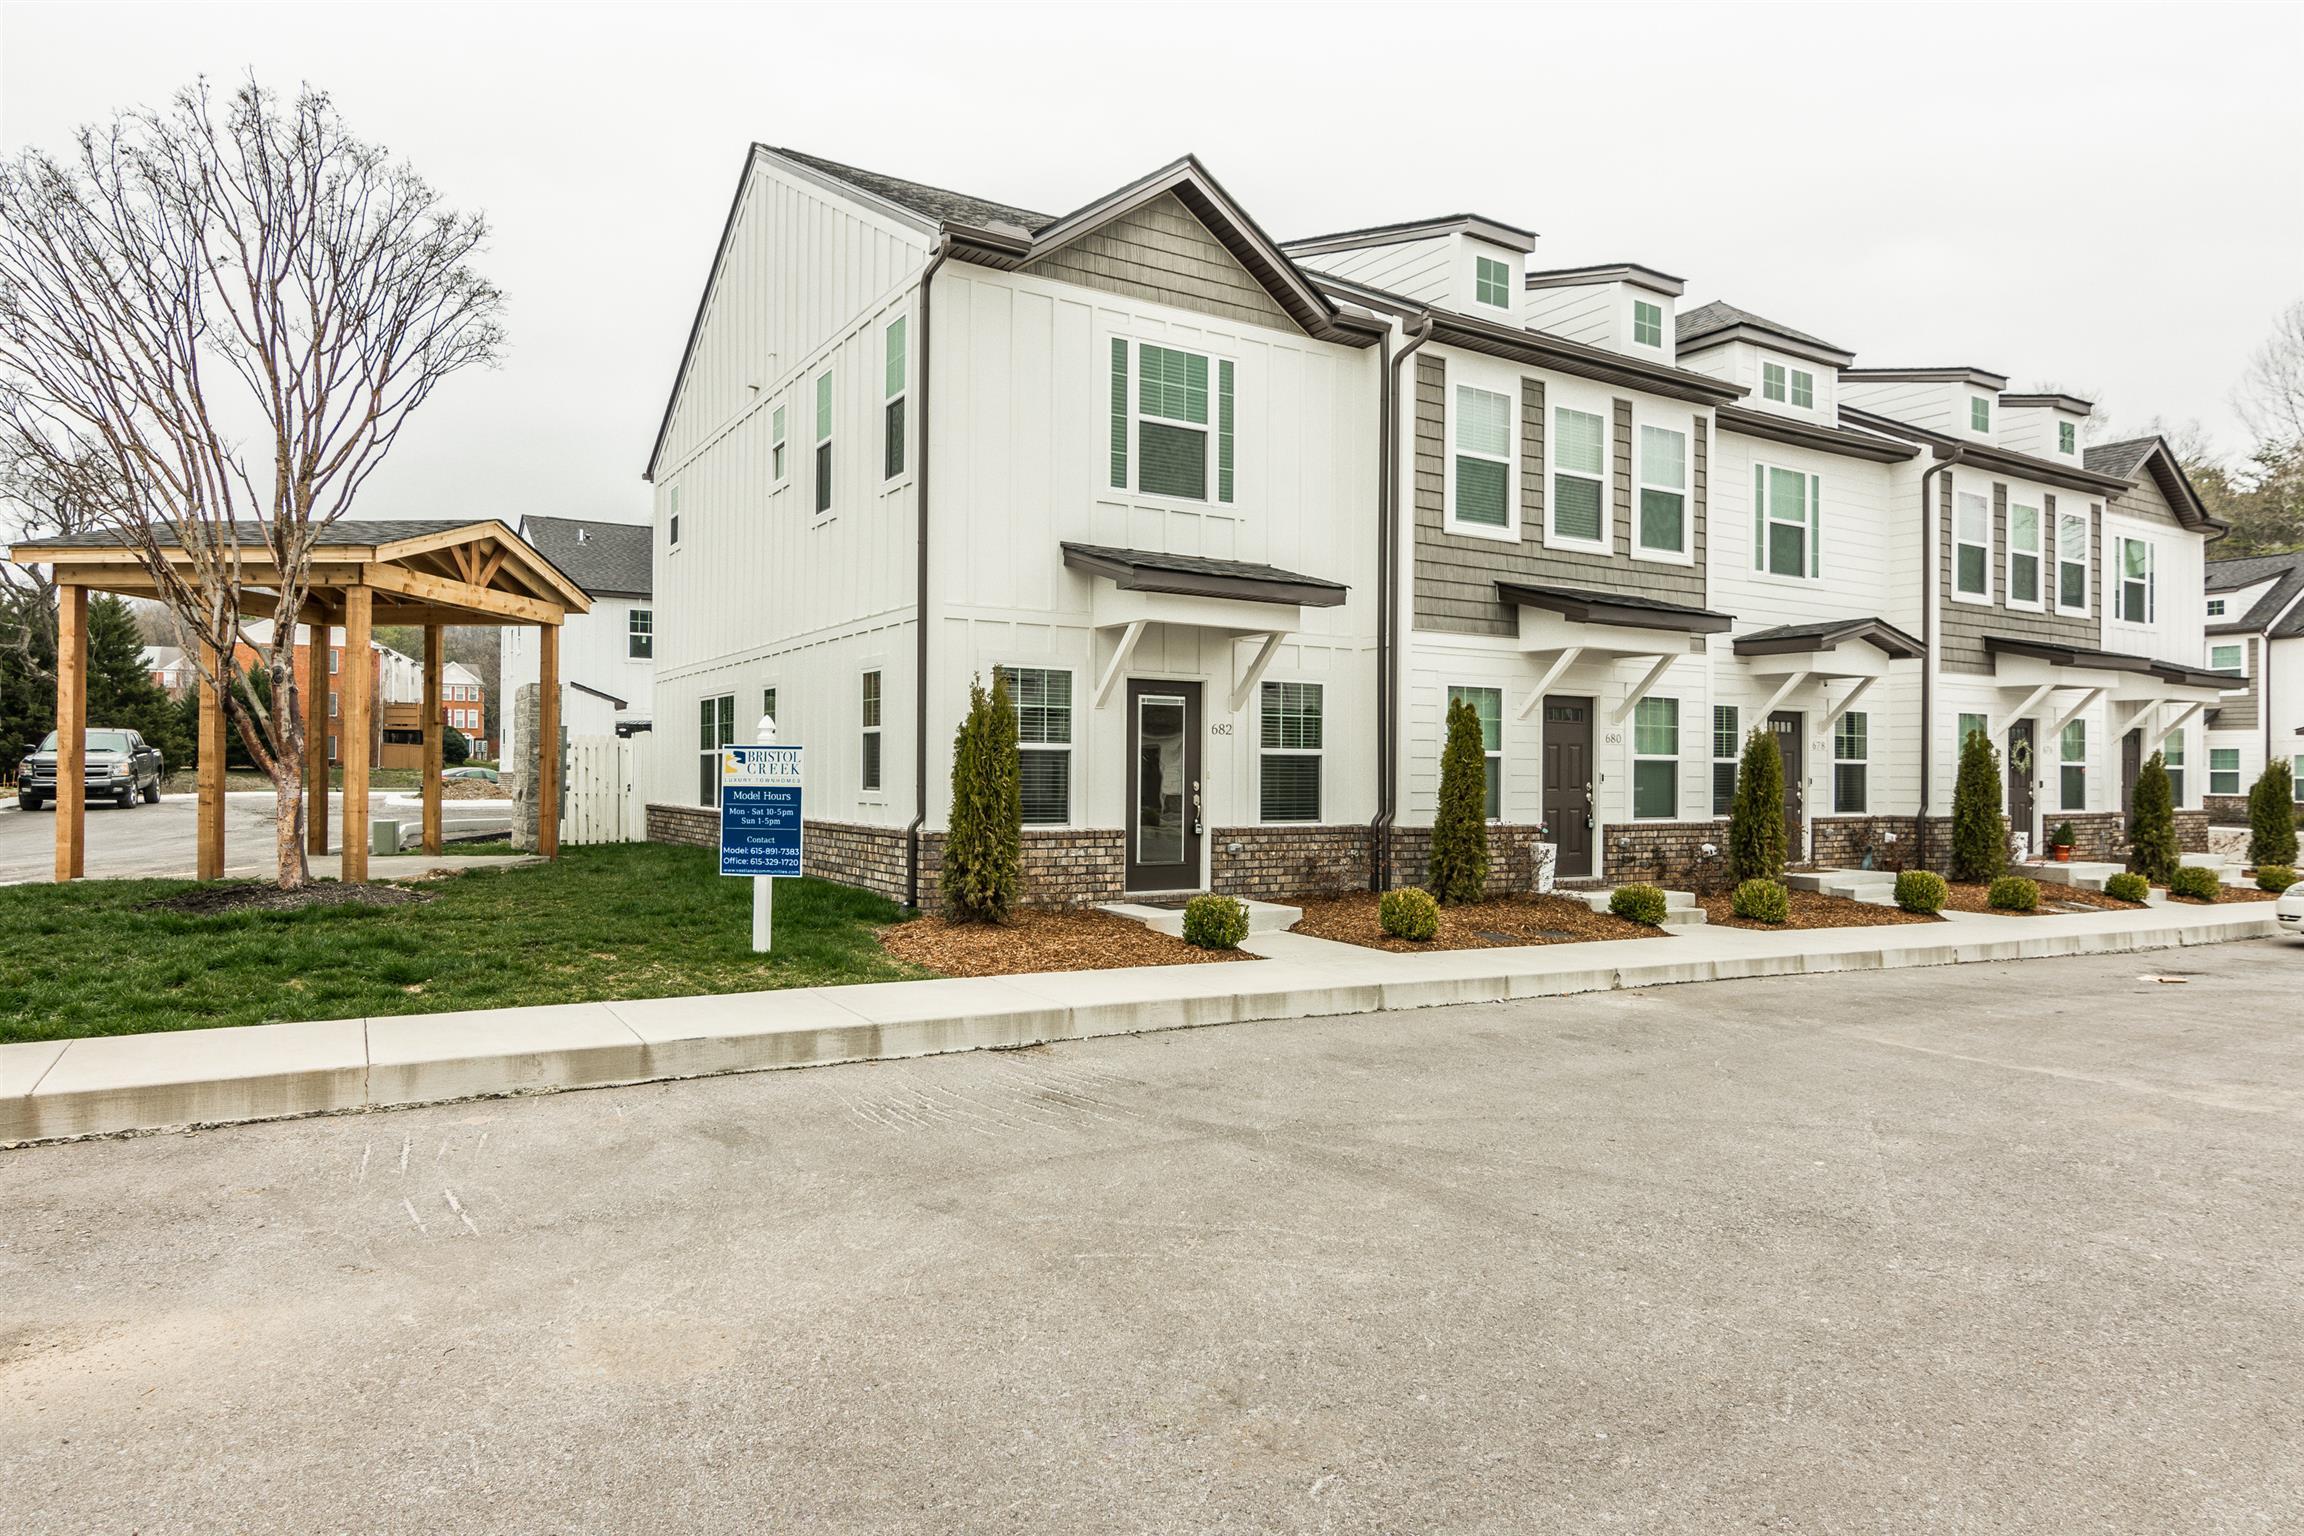 641 Bristol Creek Dr, Bellevue, Tennessee